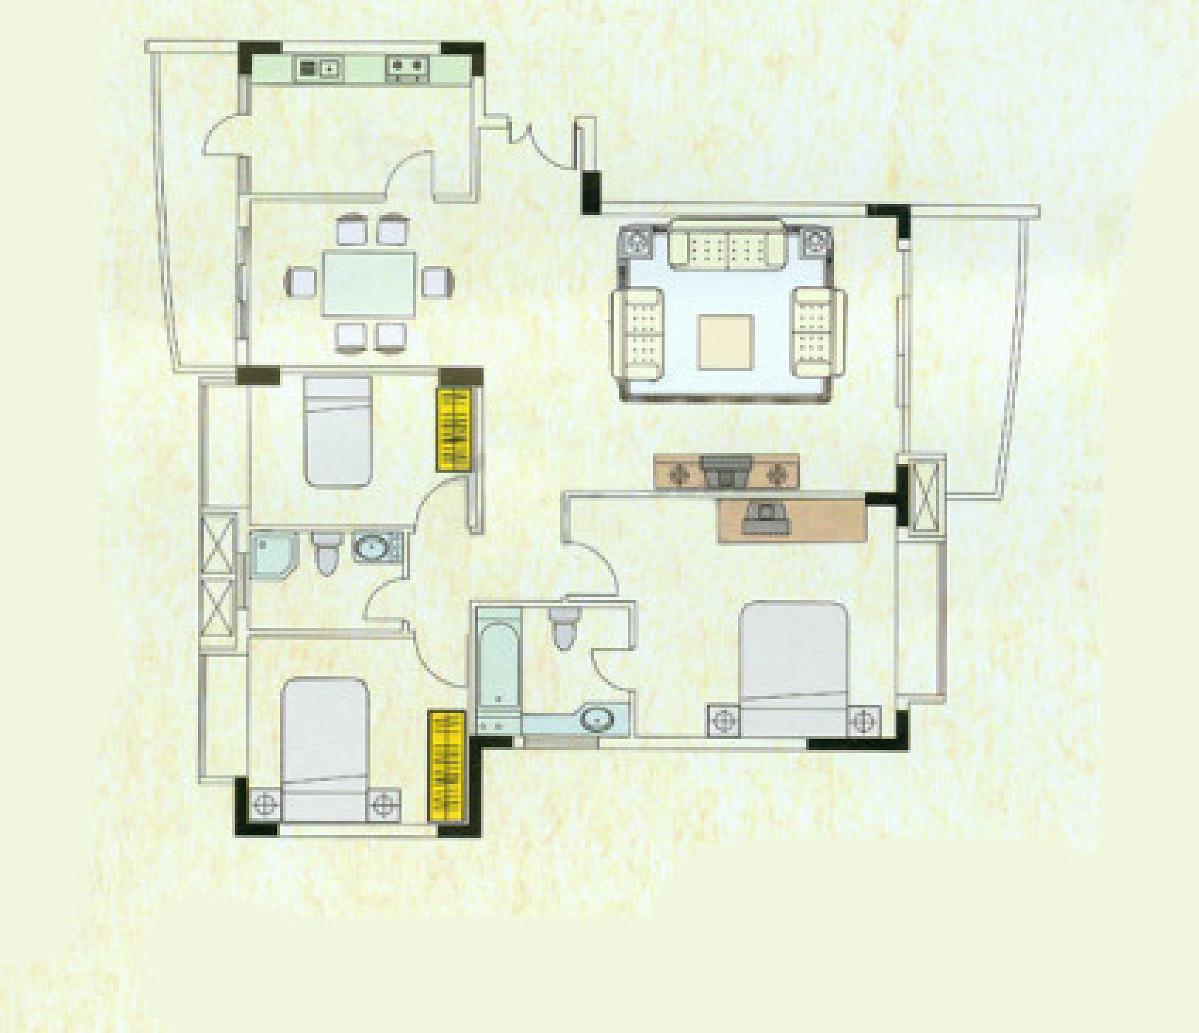 旧房改造 简约 三居 居众装饰 户型图图片来自用户1252123063在简单沉稳的居家感的分享